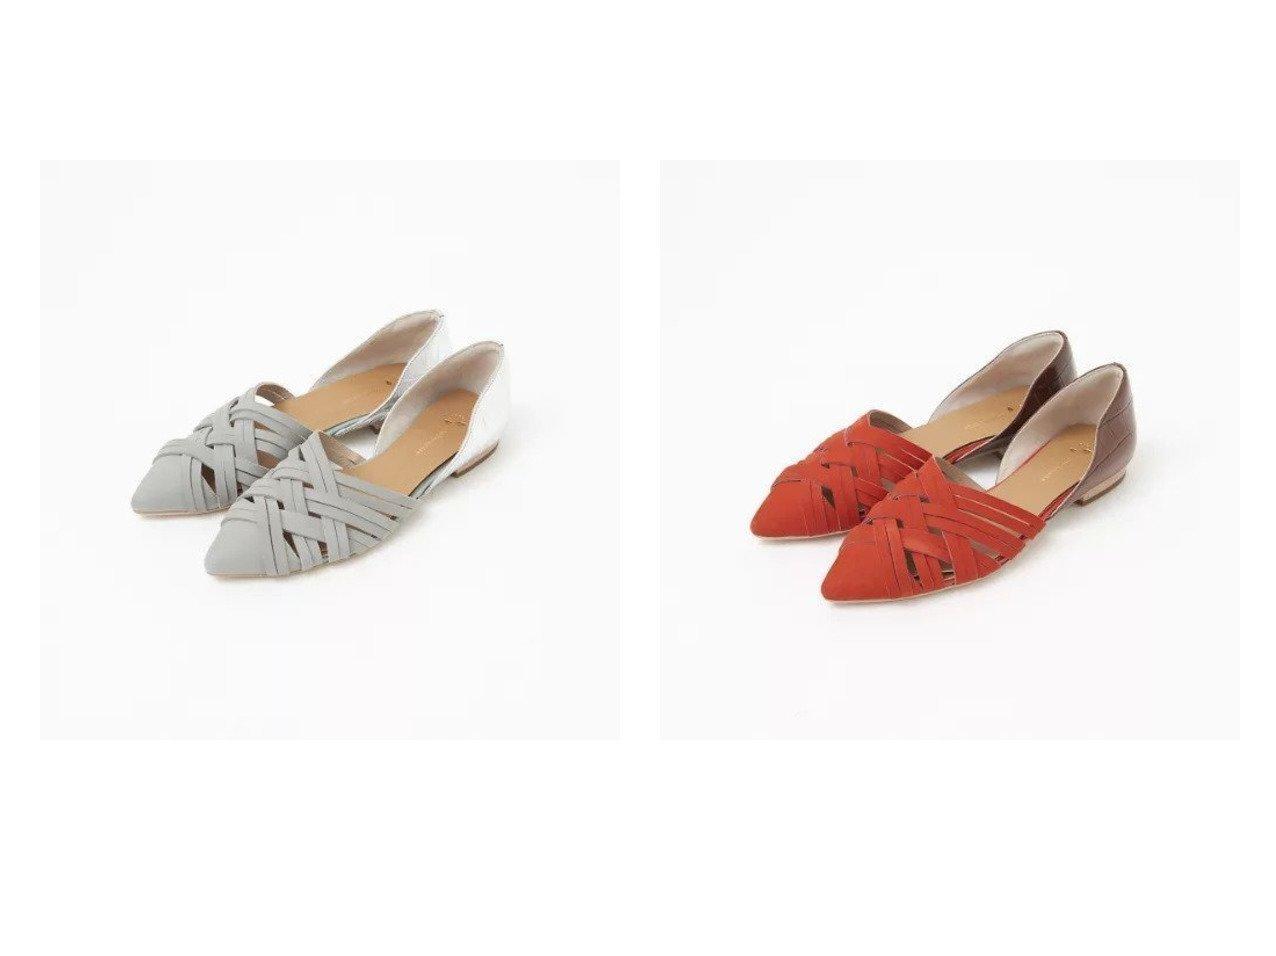 【Au BANNISTER/オゥ バニスター】のメッシュセパレートパンプス 【シューズ・靴】おすすめ!人気、トレンド・レディースファッションの通販 おすすめで人気の流行・トレンド、ファッションの通販商品 メンズファッション・キッズファッション・インテリア・家具・レディースファッション・服の通販 founy(ファニー) https://founy.com/ ファッション Fashion レディースファッション WOMEN クッション サマー シューズ セパレート デニム ドレス メッシュ リゾート |ID:crp329100000031448